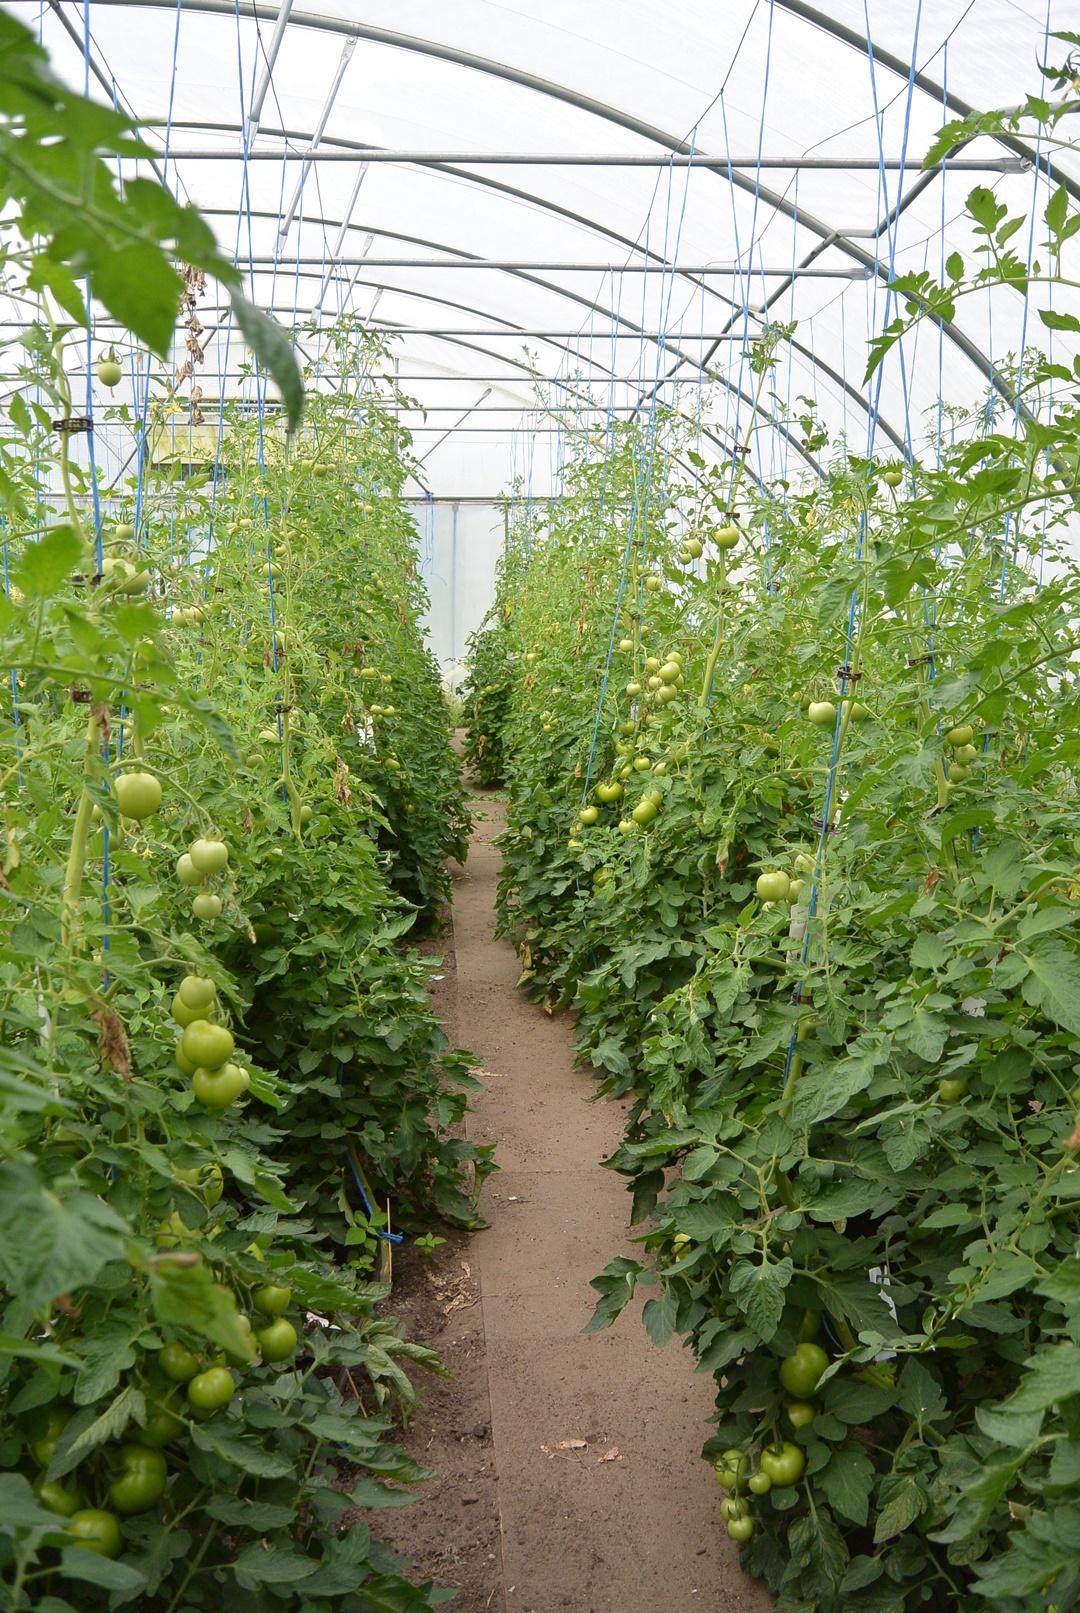 Hof Isenbüttel_Demeterhof_Biobauernhof_Der Hof_Bauernhof Alltag_Ein Tag auf dem Bauernhof_Annanikabu_Reiseblog (198)